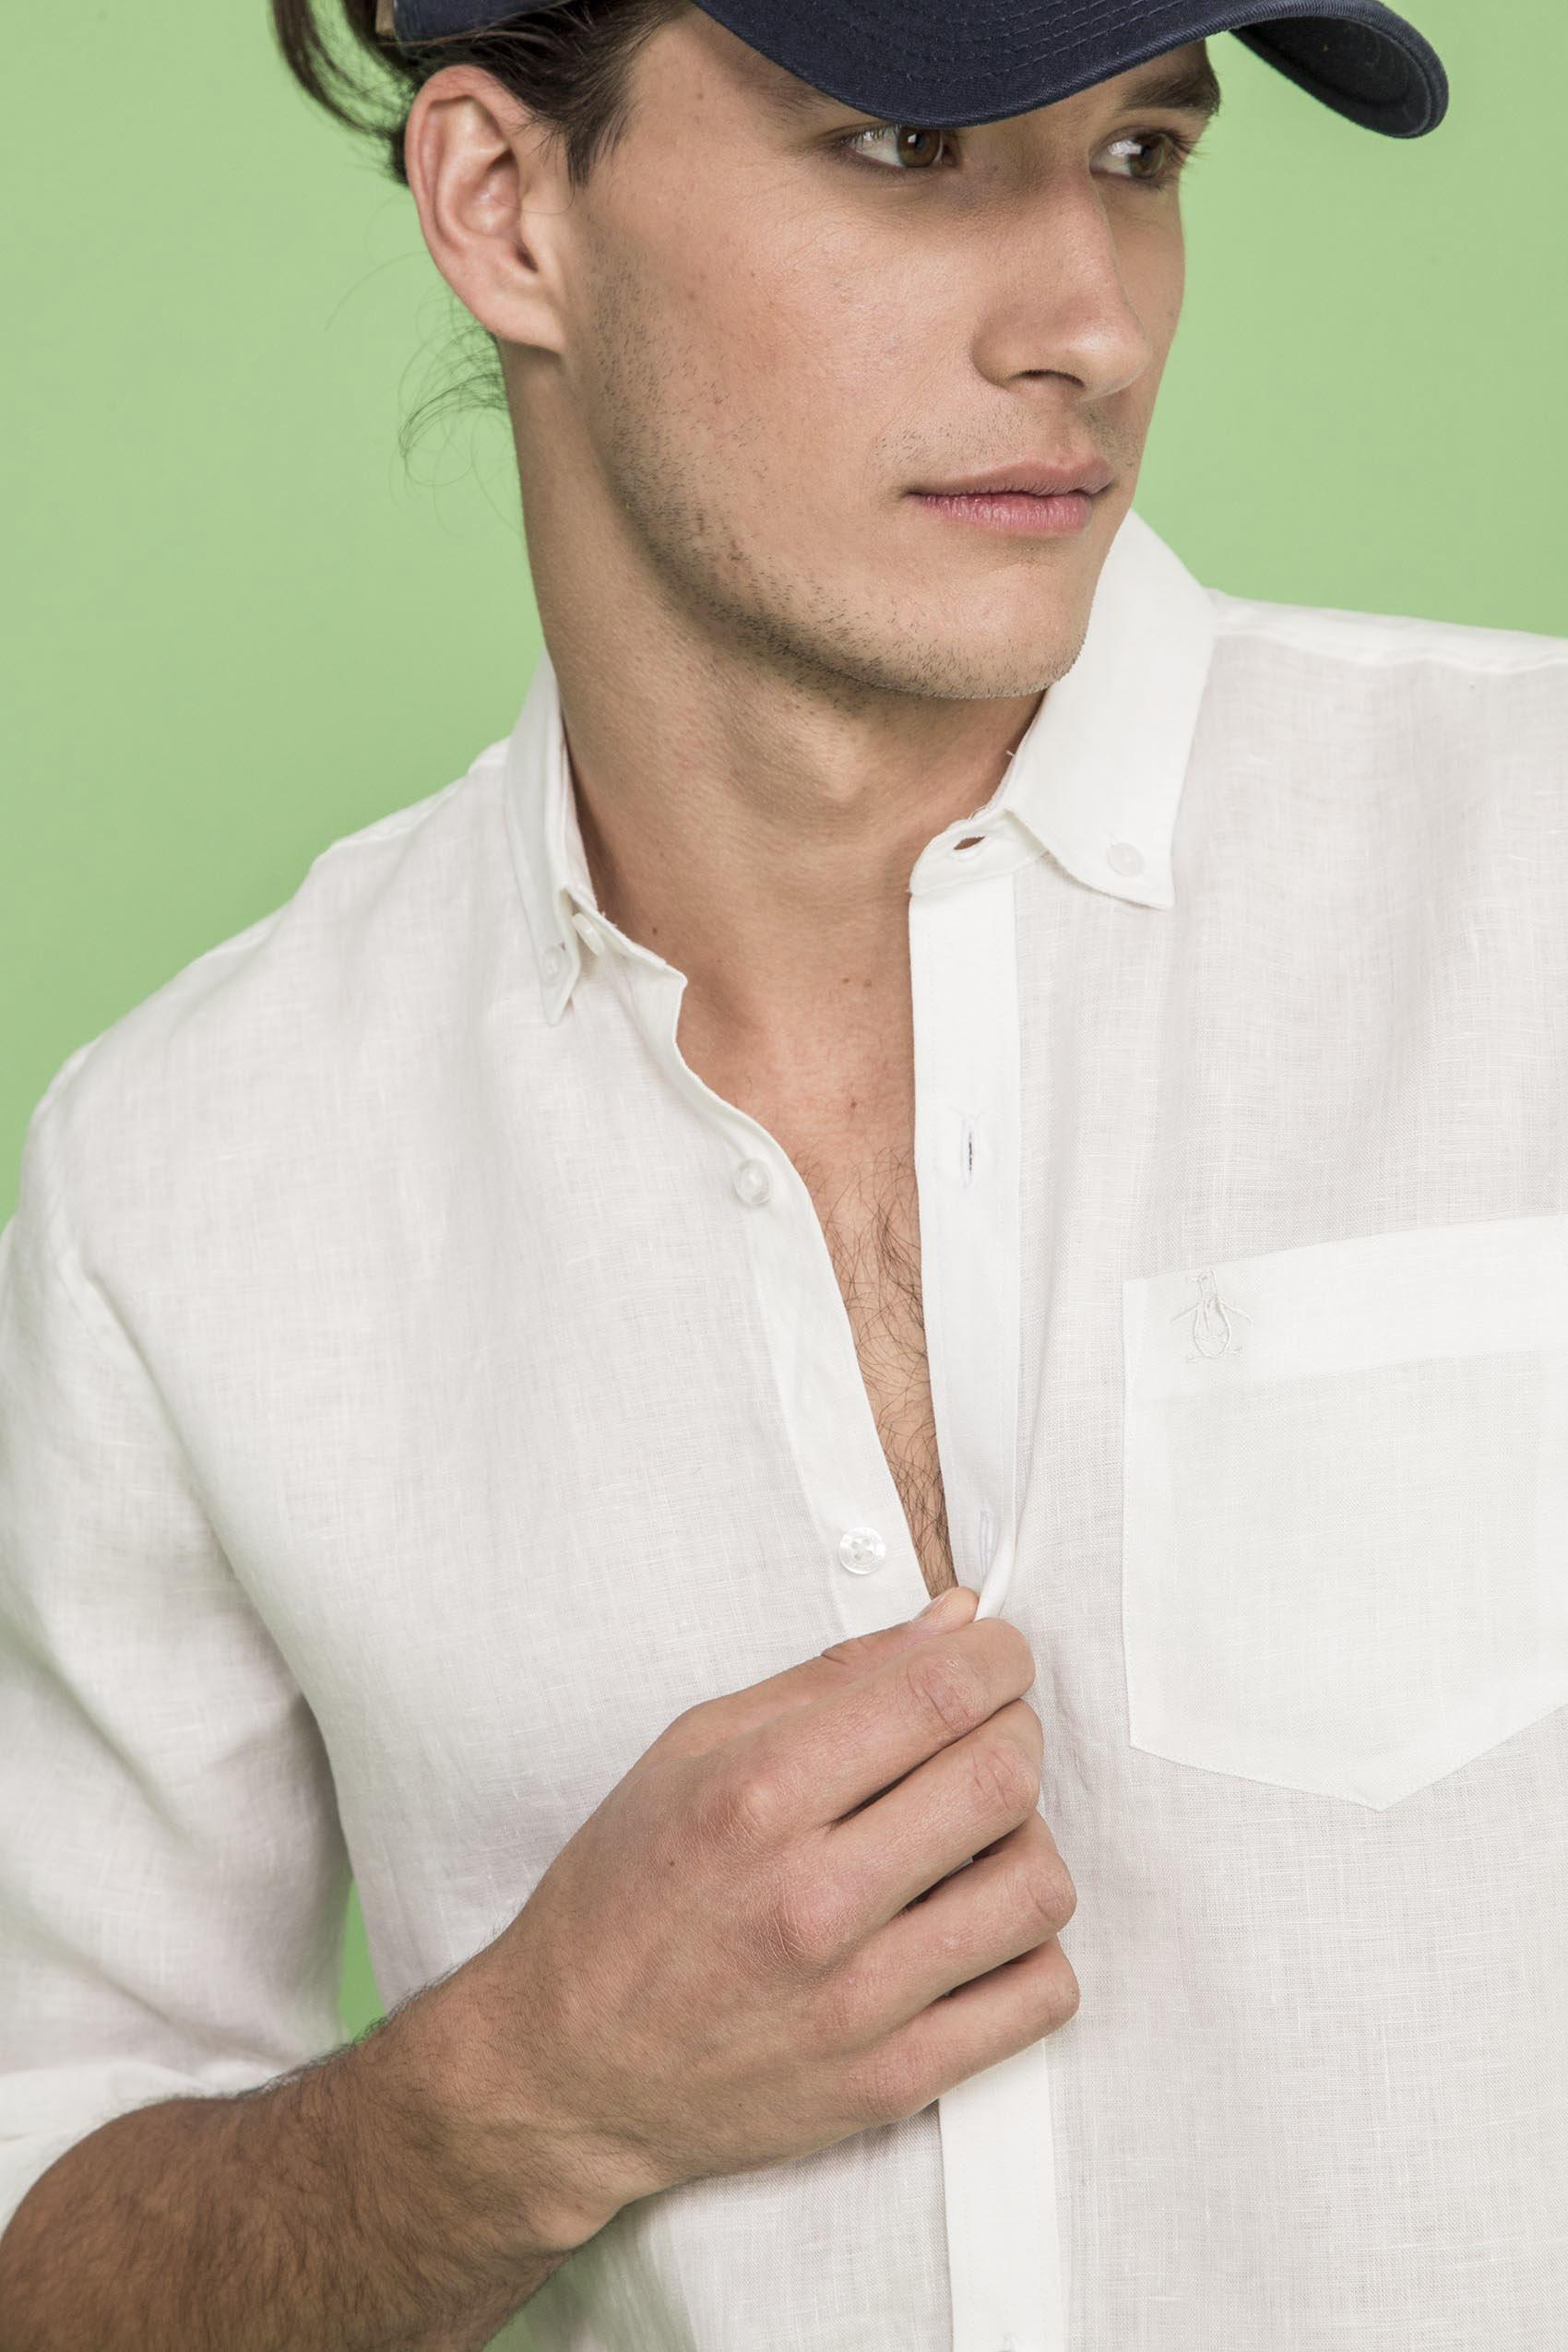 penguin_l/s-core-washed-linen-shirt_32-24-2021__picture-17005